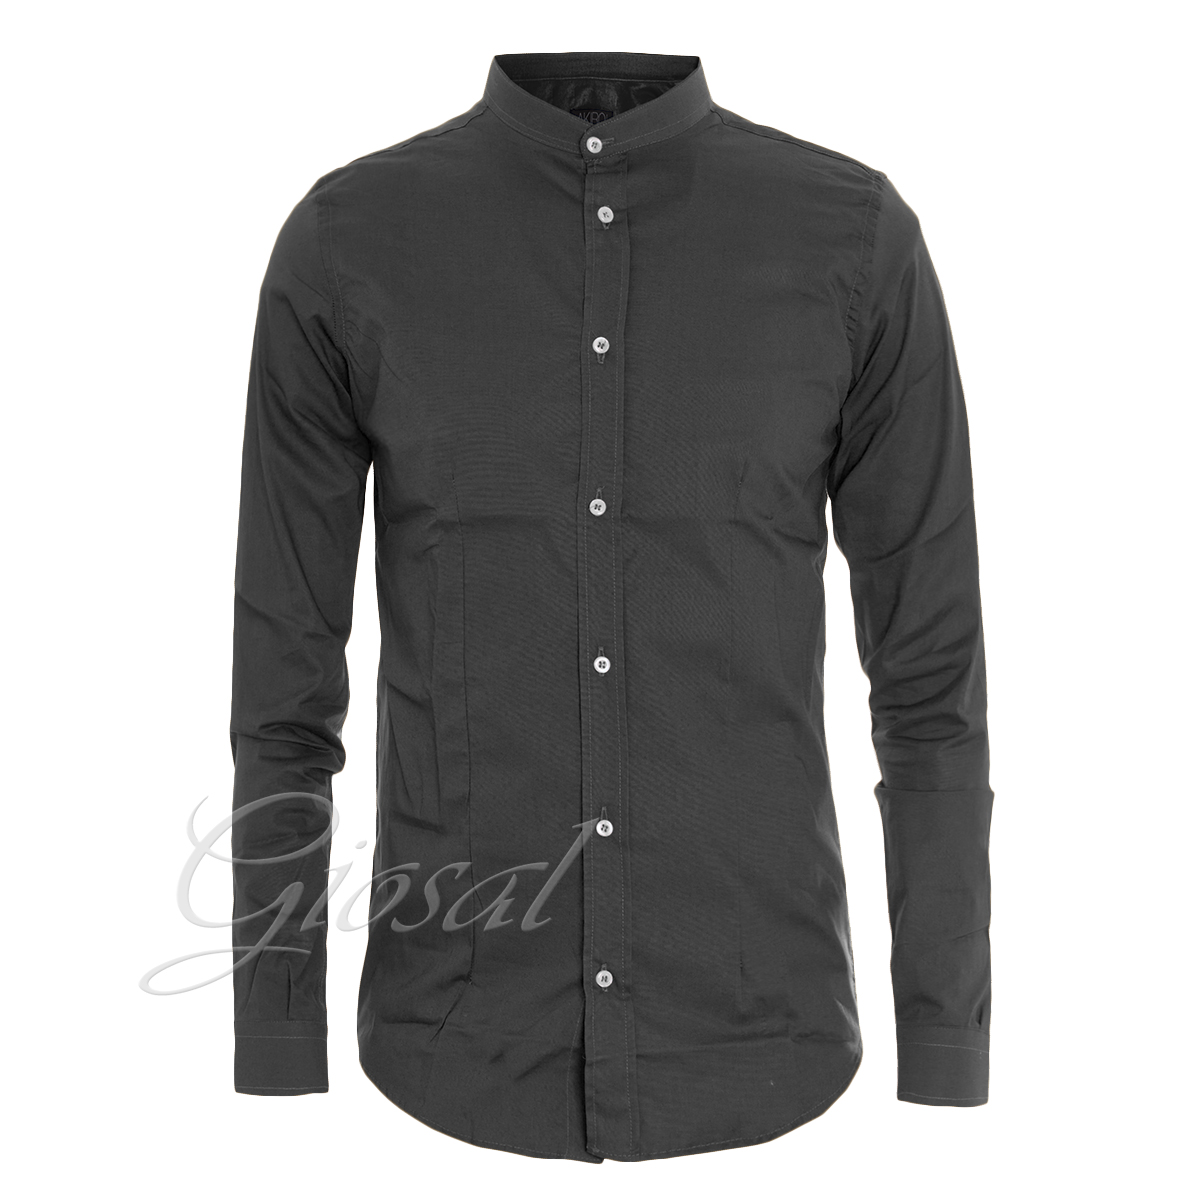 Camicia-Uomo-Akiro-Collo-Coreano-Tinta-Unita-Vari-Colori-Slim-GIOSAL